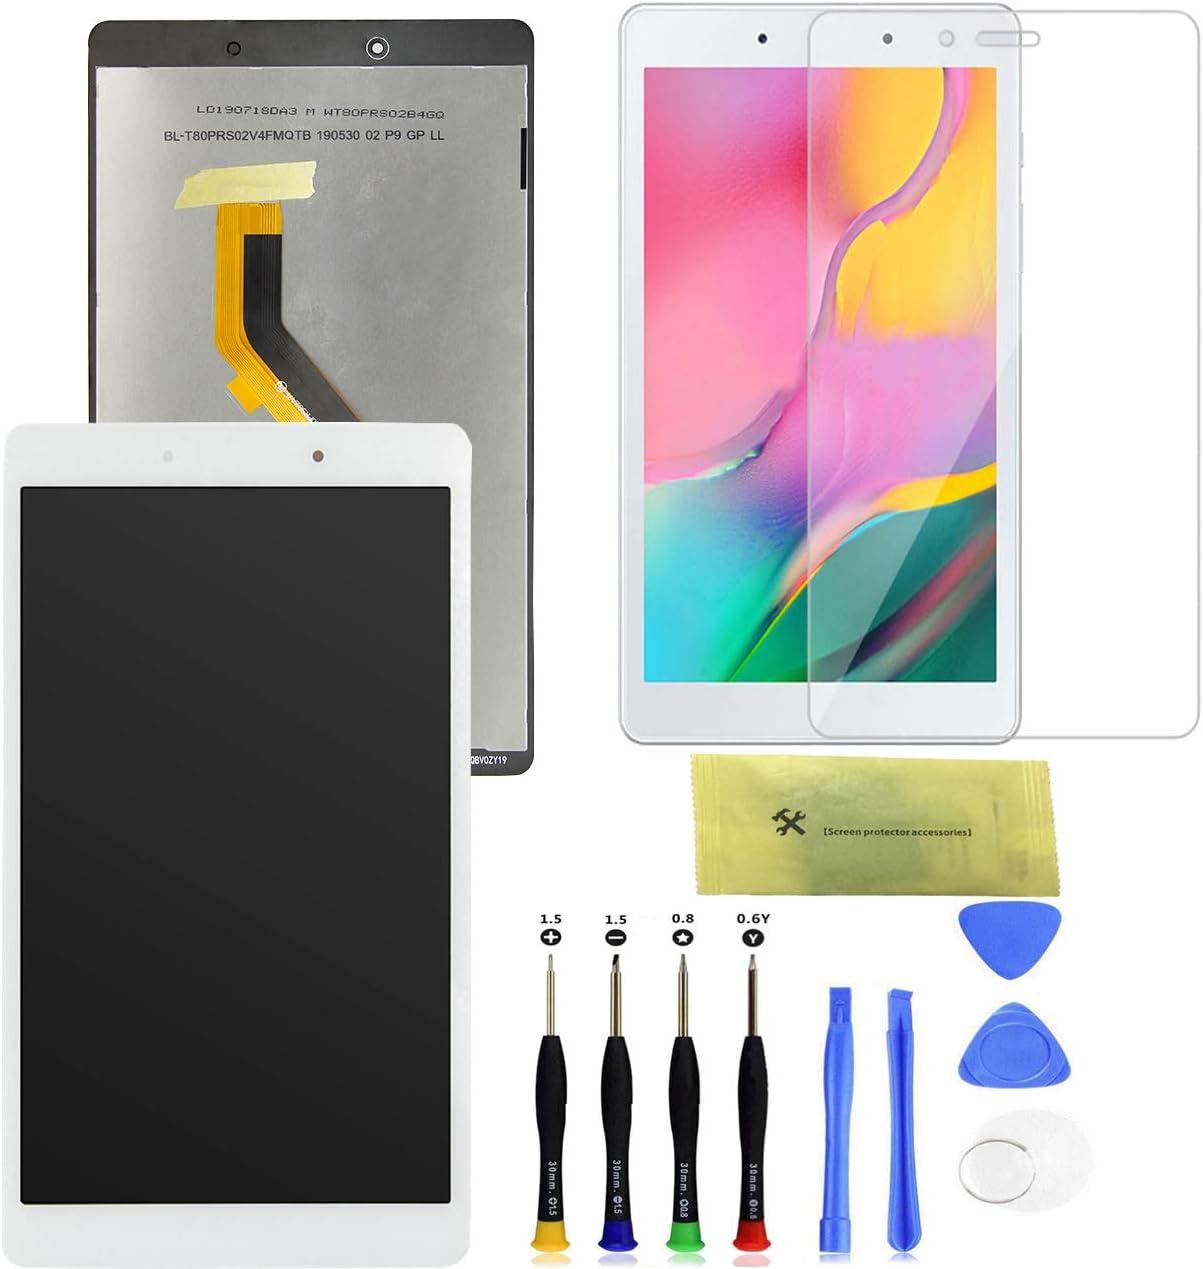 Pantalla LCD Reemplazo + Protector Samsung Galaxy Tab A 8.0